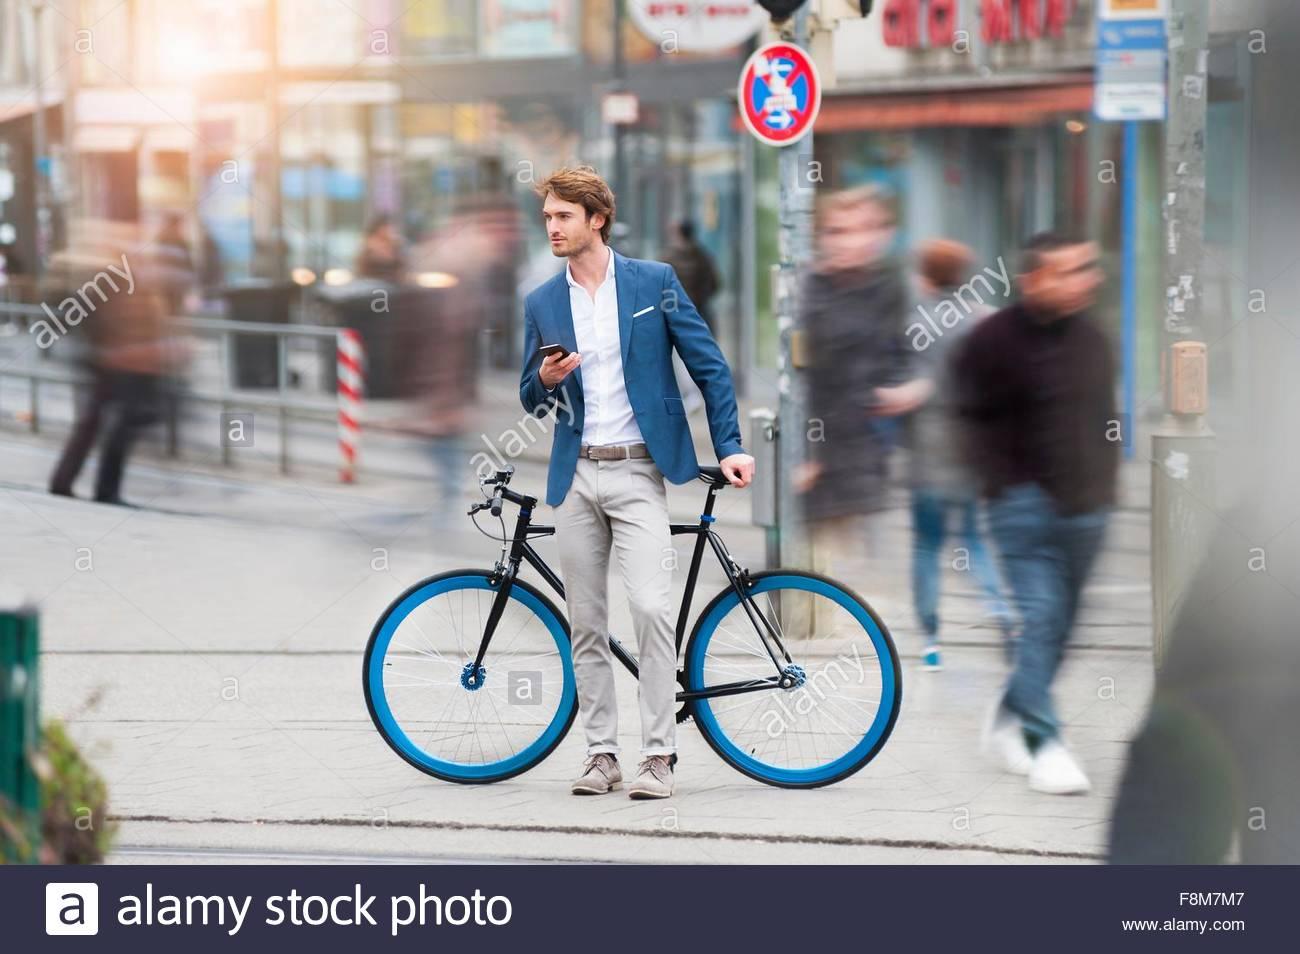 Messa a fuoco differenziale del giovane con bicicletta in strada trafficata tenendo il telefono cellulare che guarda Immagini Stock